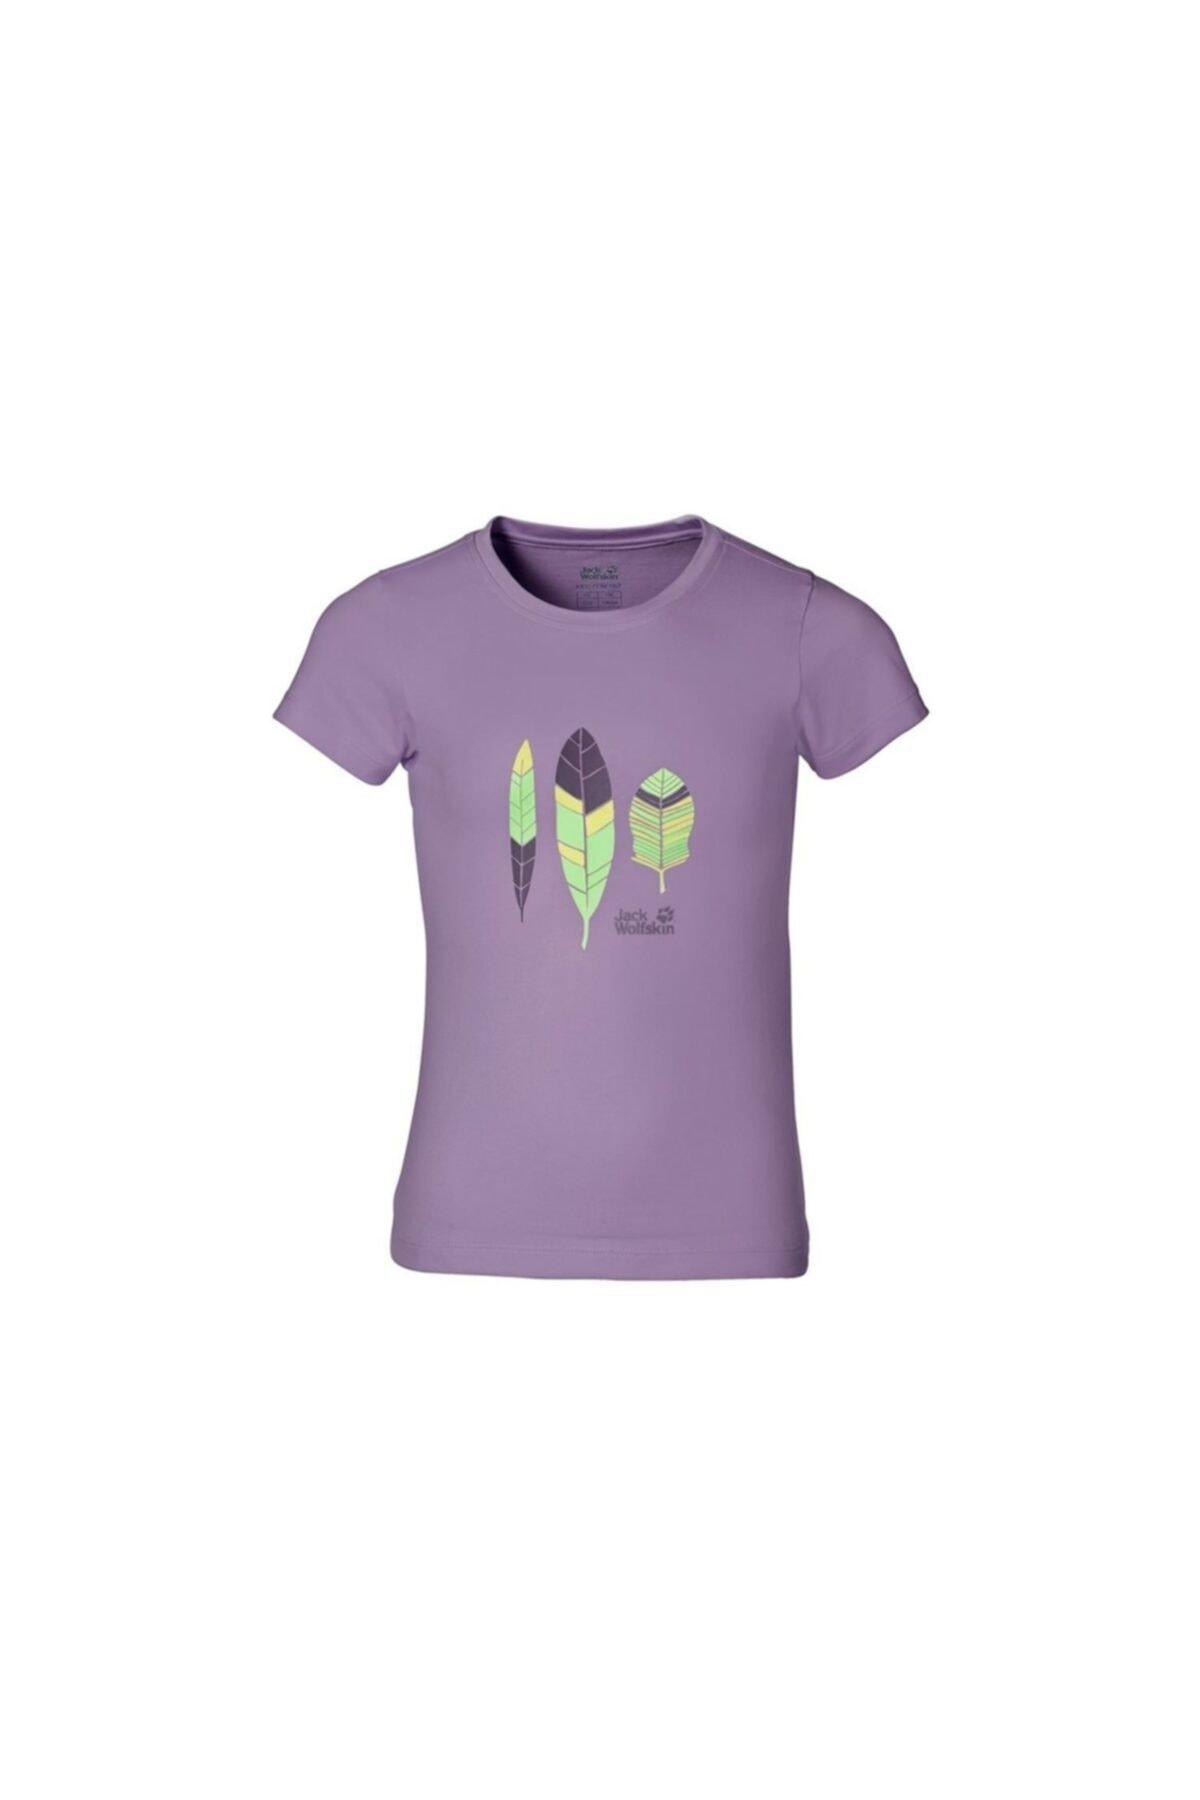 Jack Wolfskin Kız Çocuk Mor Baskılı Tshirt 1604861-2061 1